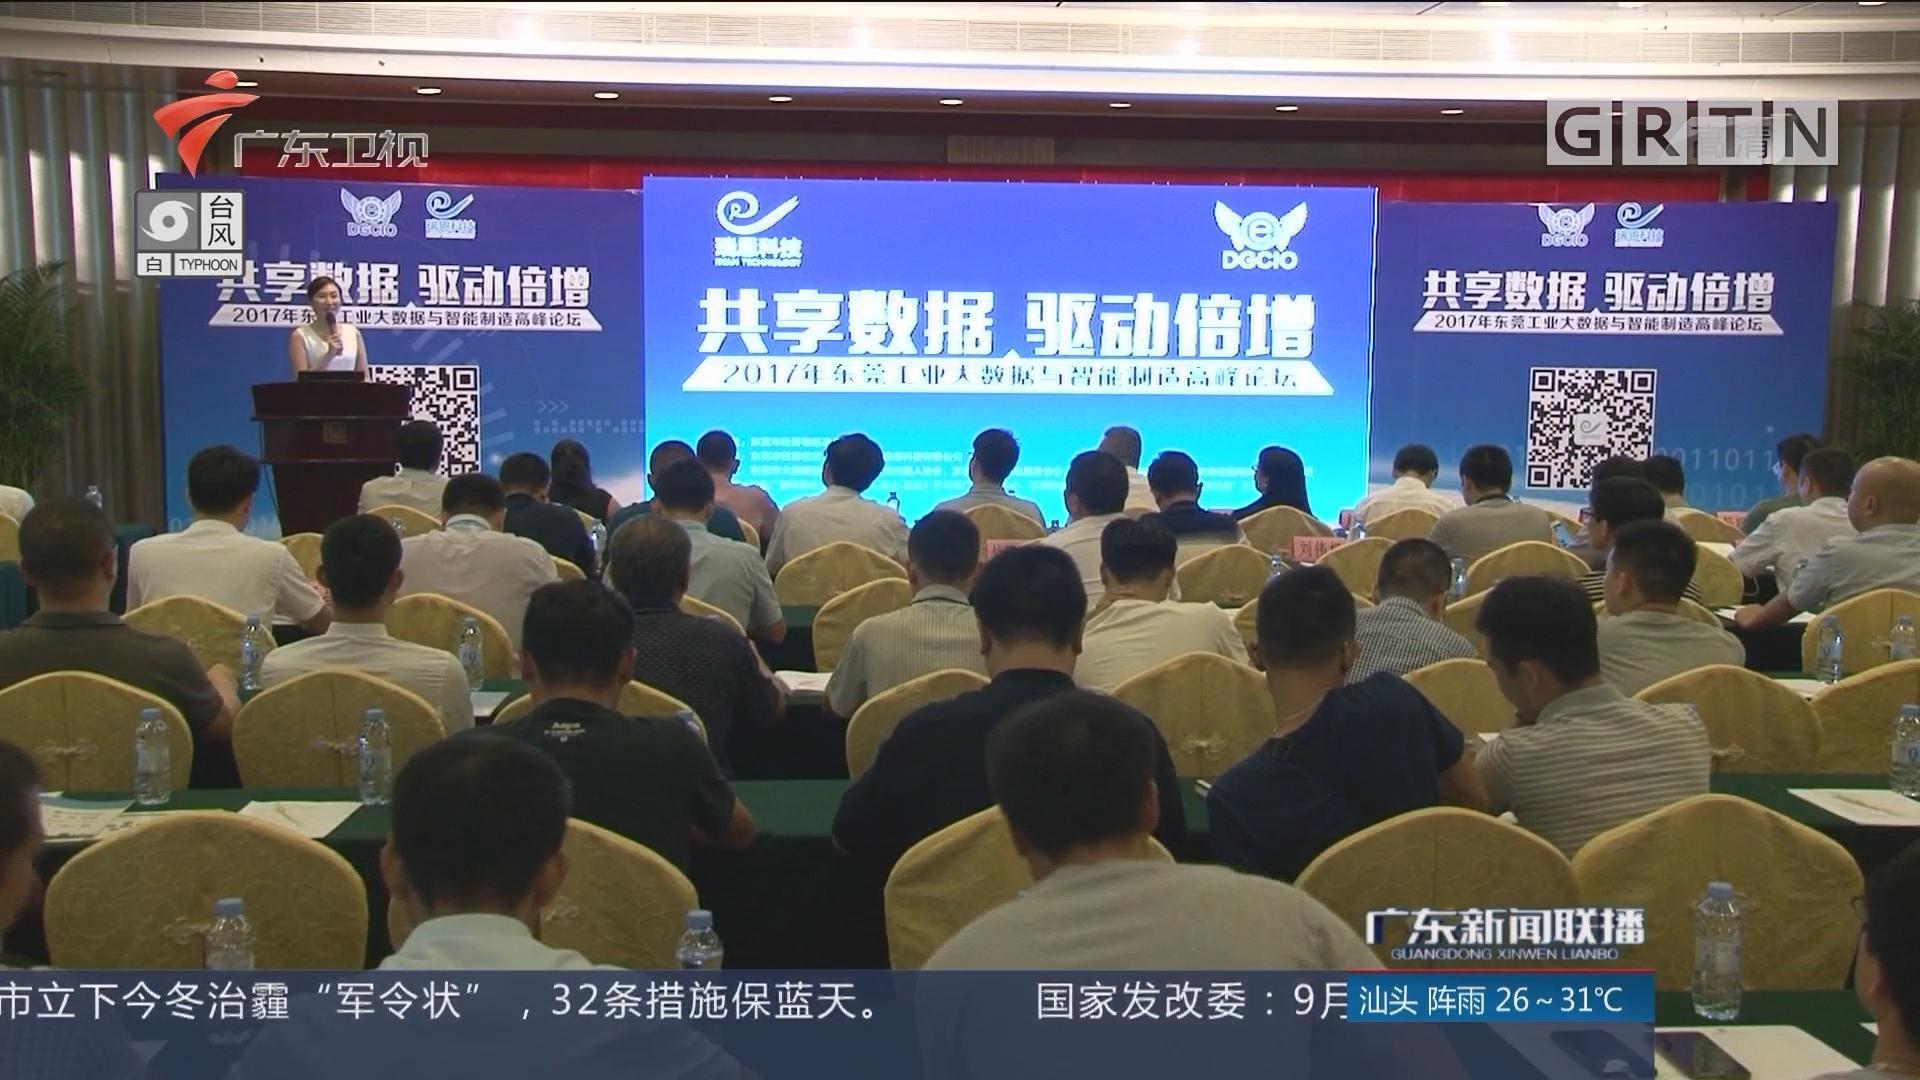 2017年工业大数据与智能制造高峰论坛在东莞举行